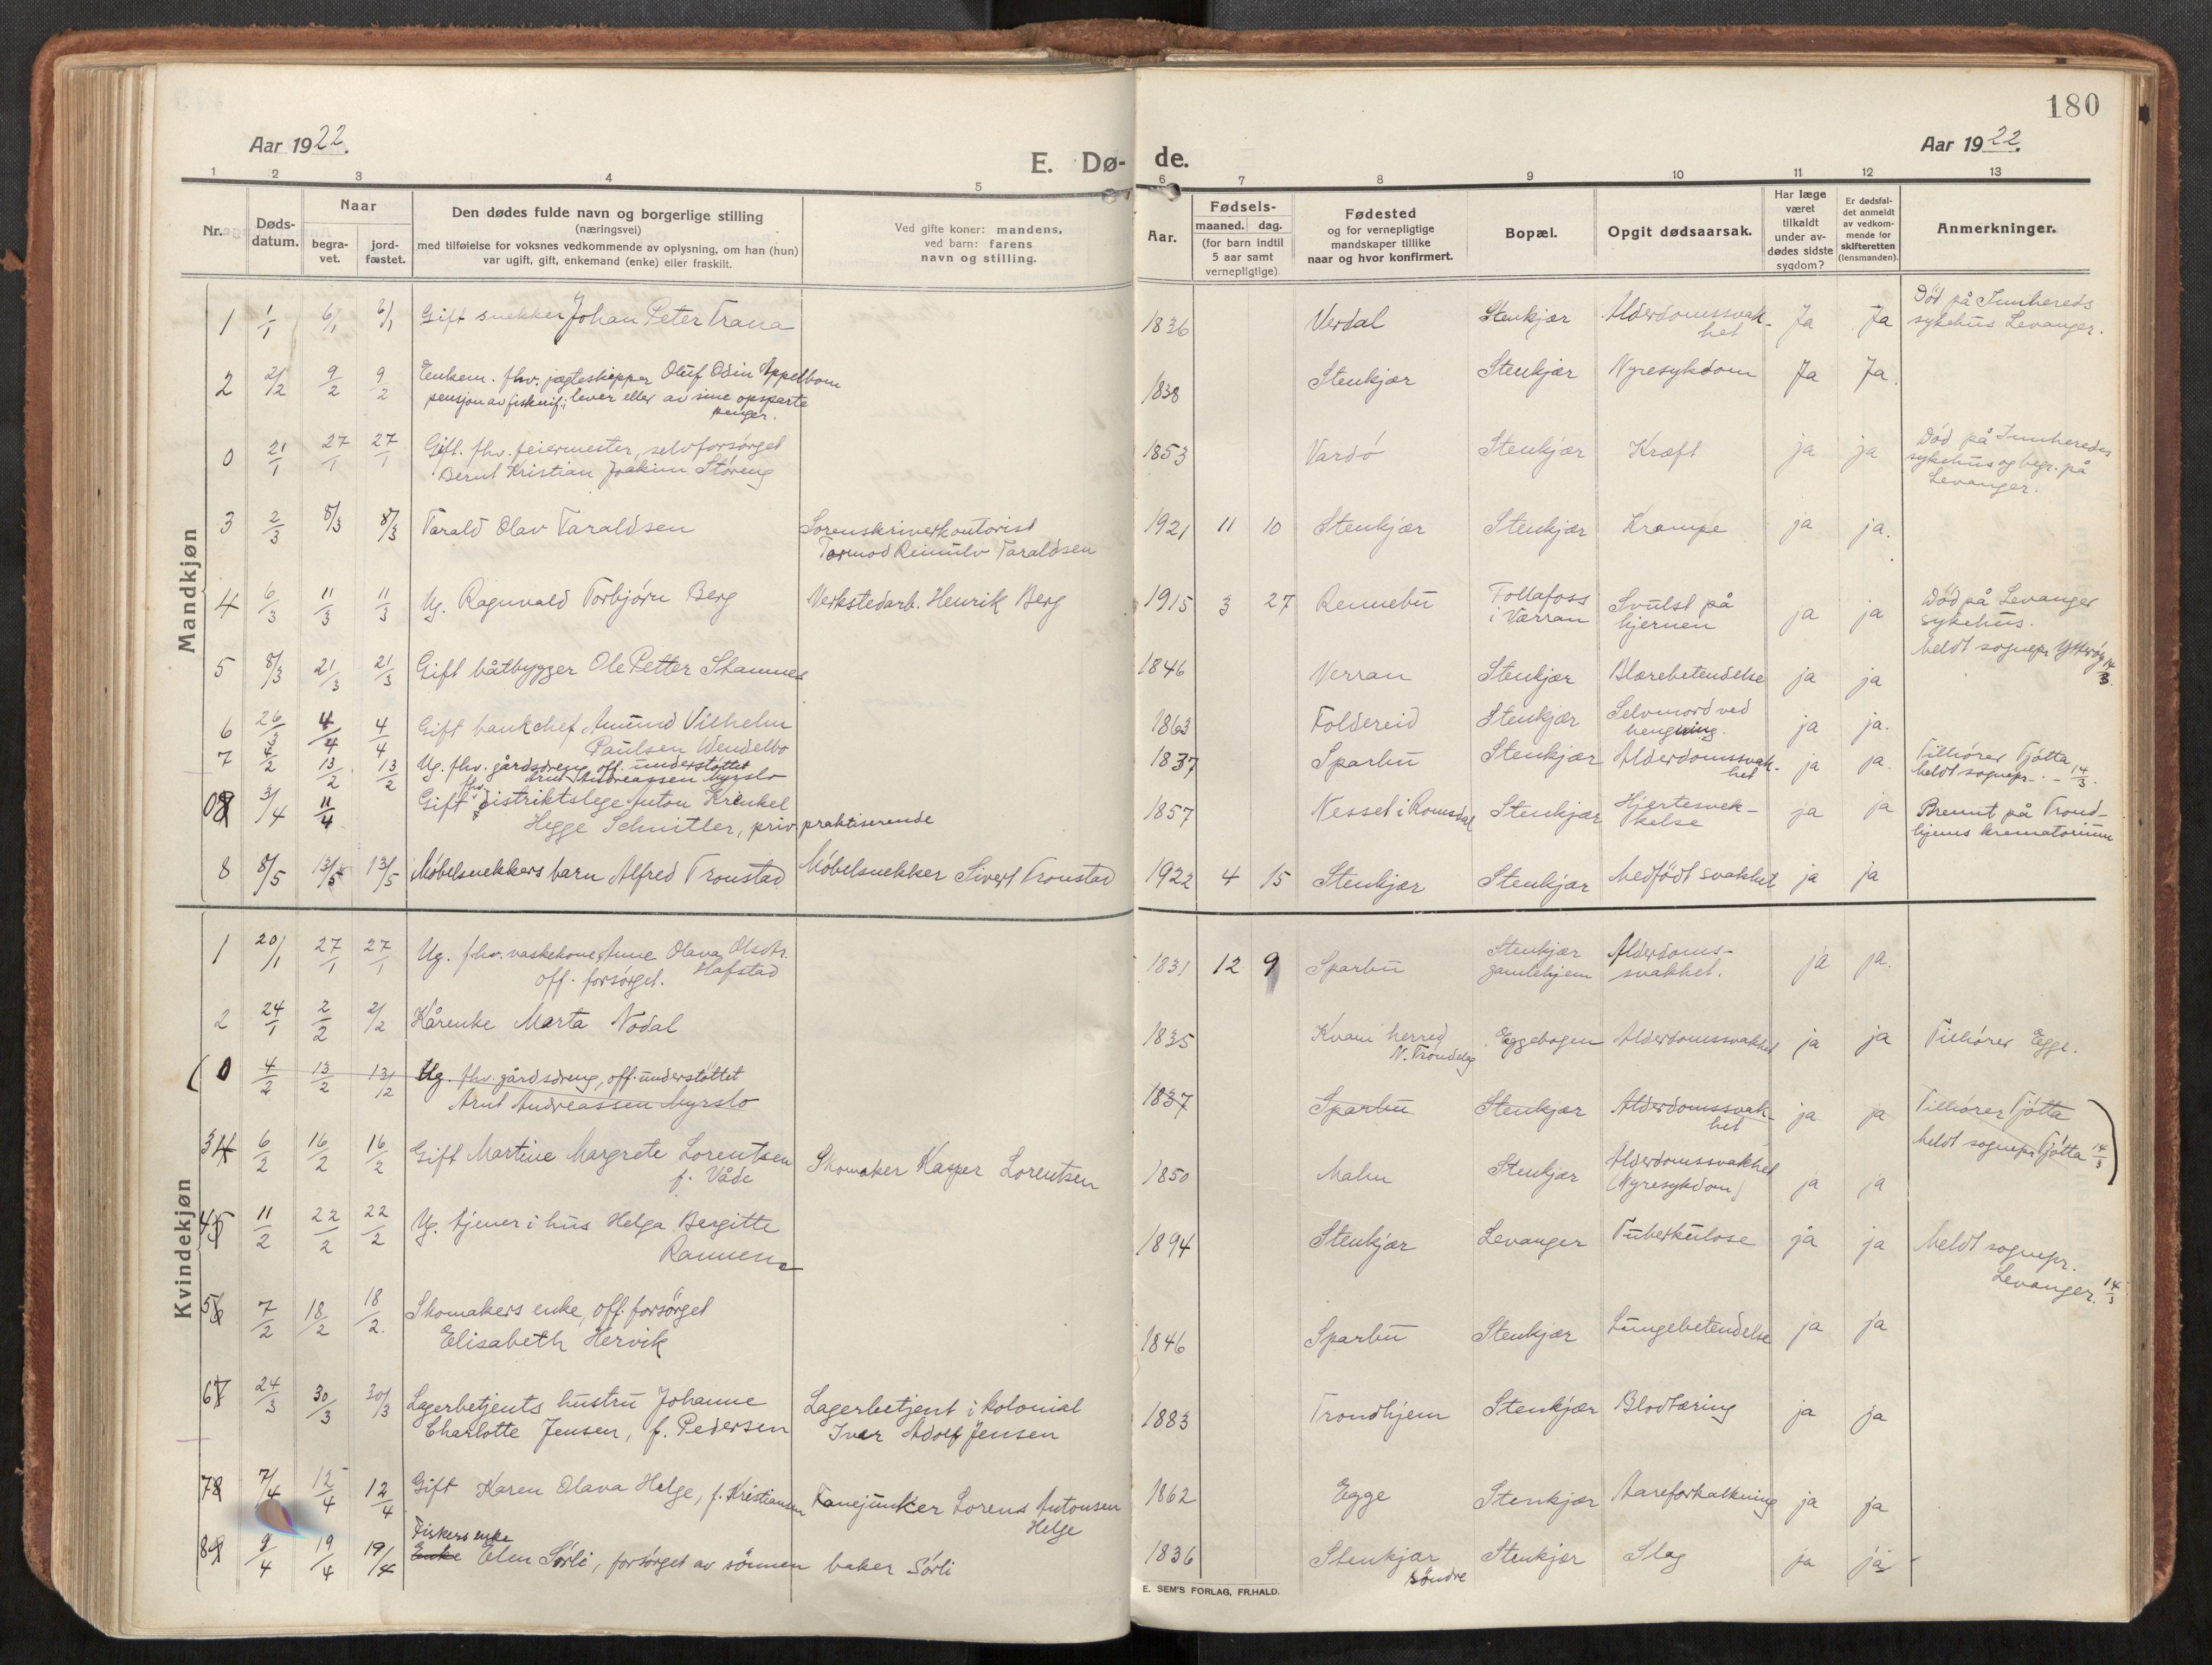 SAT, Steinkjer sokneprestkontor, H/Ha/Haa/L0003: Ministerialbok nr. 3, 1913-1922, s. 180